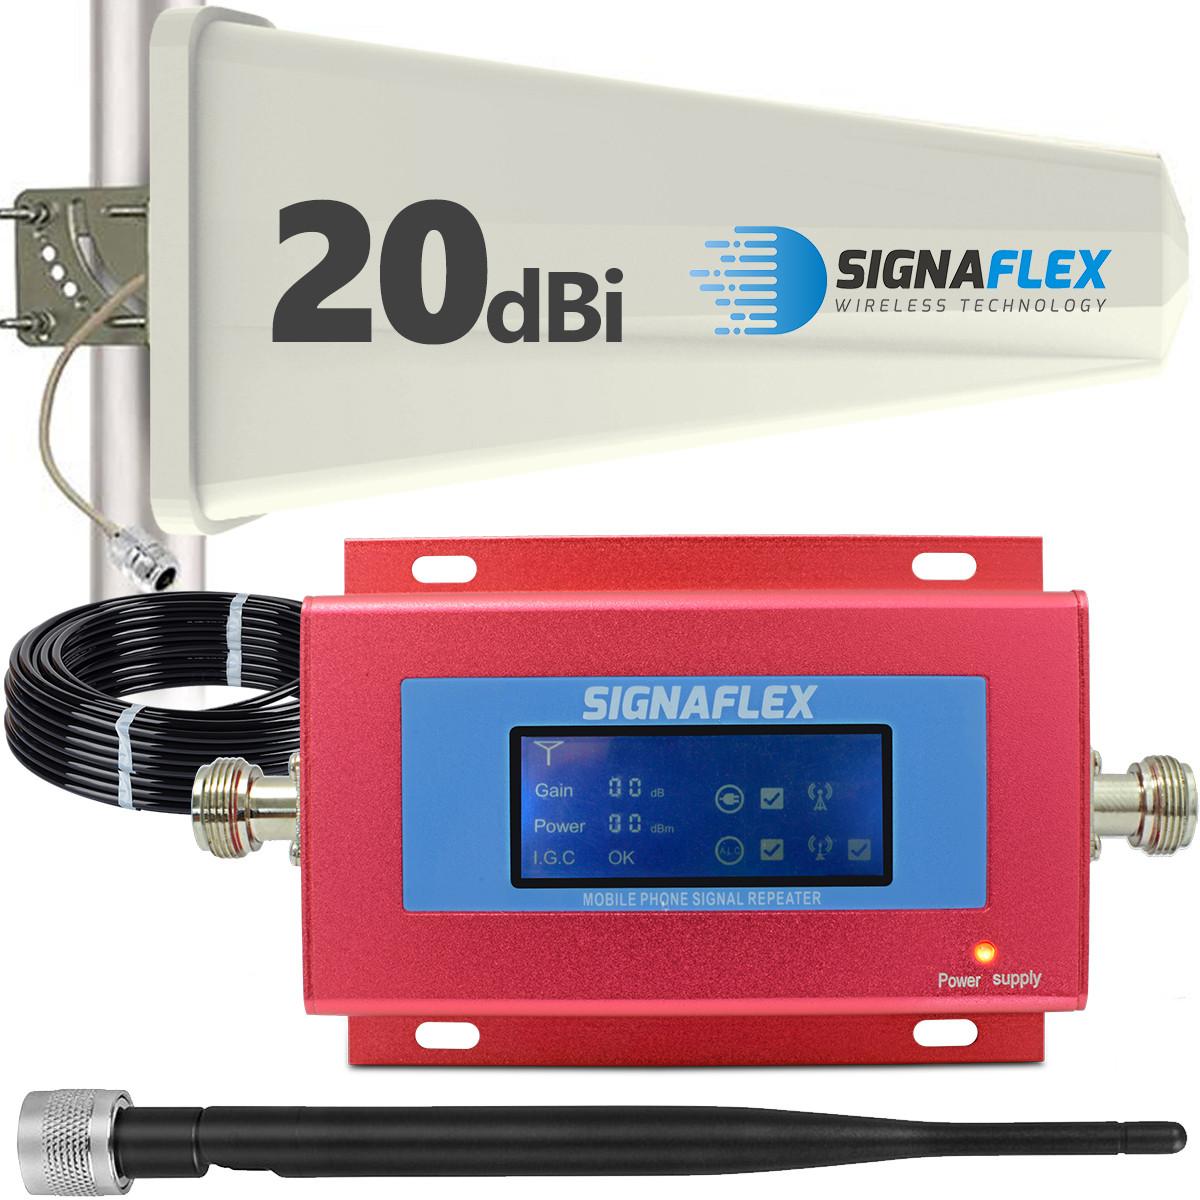 Komplet: wzmacniacz GSM RED + Tajfun z bat